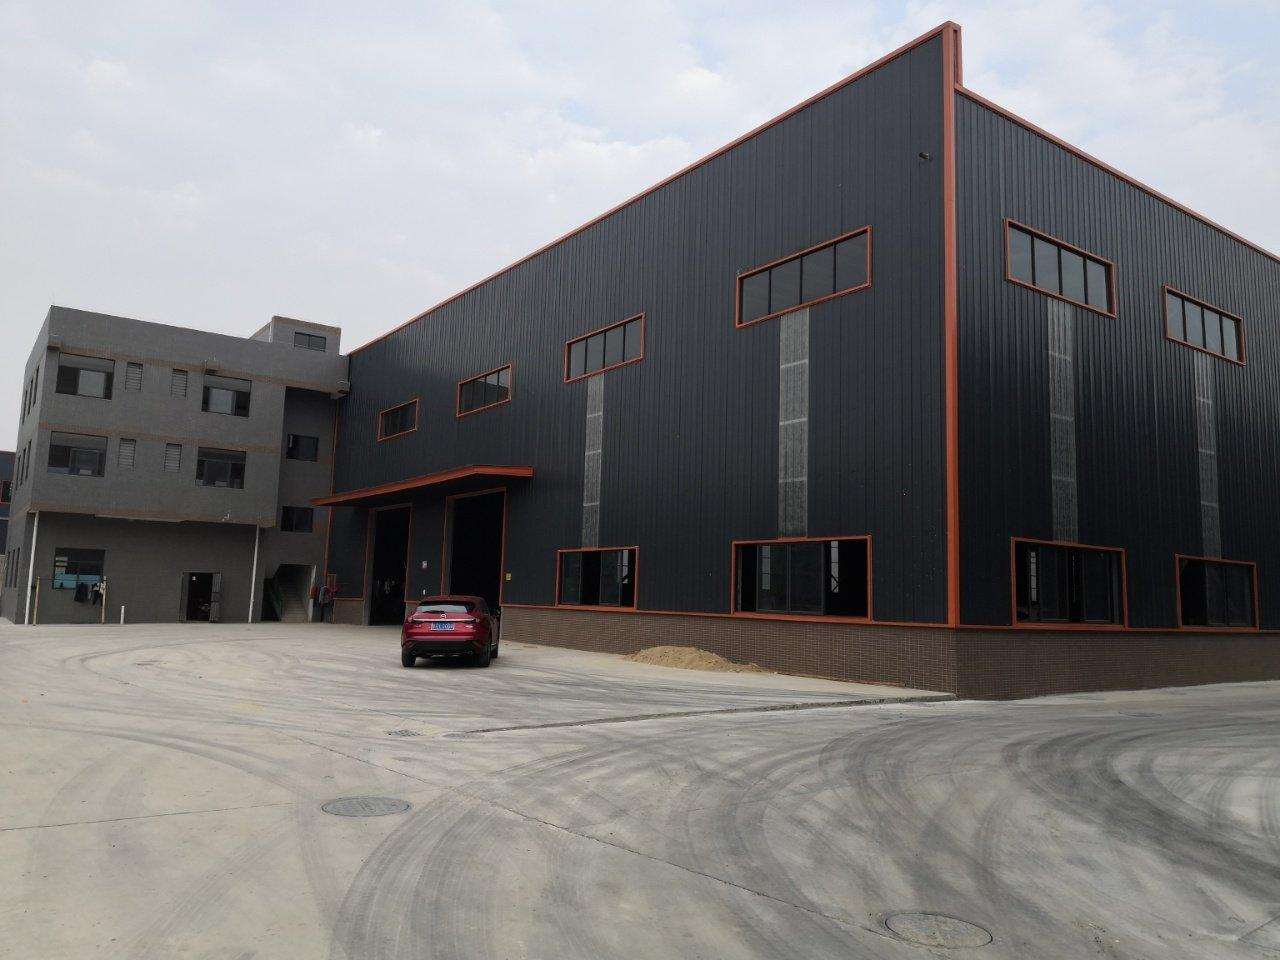 佛山三水乐平全新高标准单一层钢构仓库16300平,滴水10米